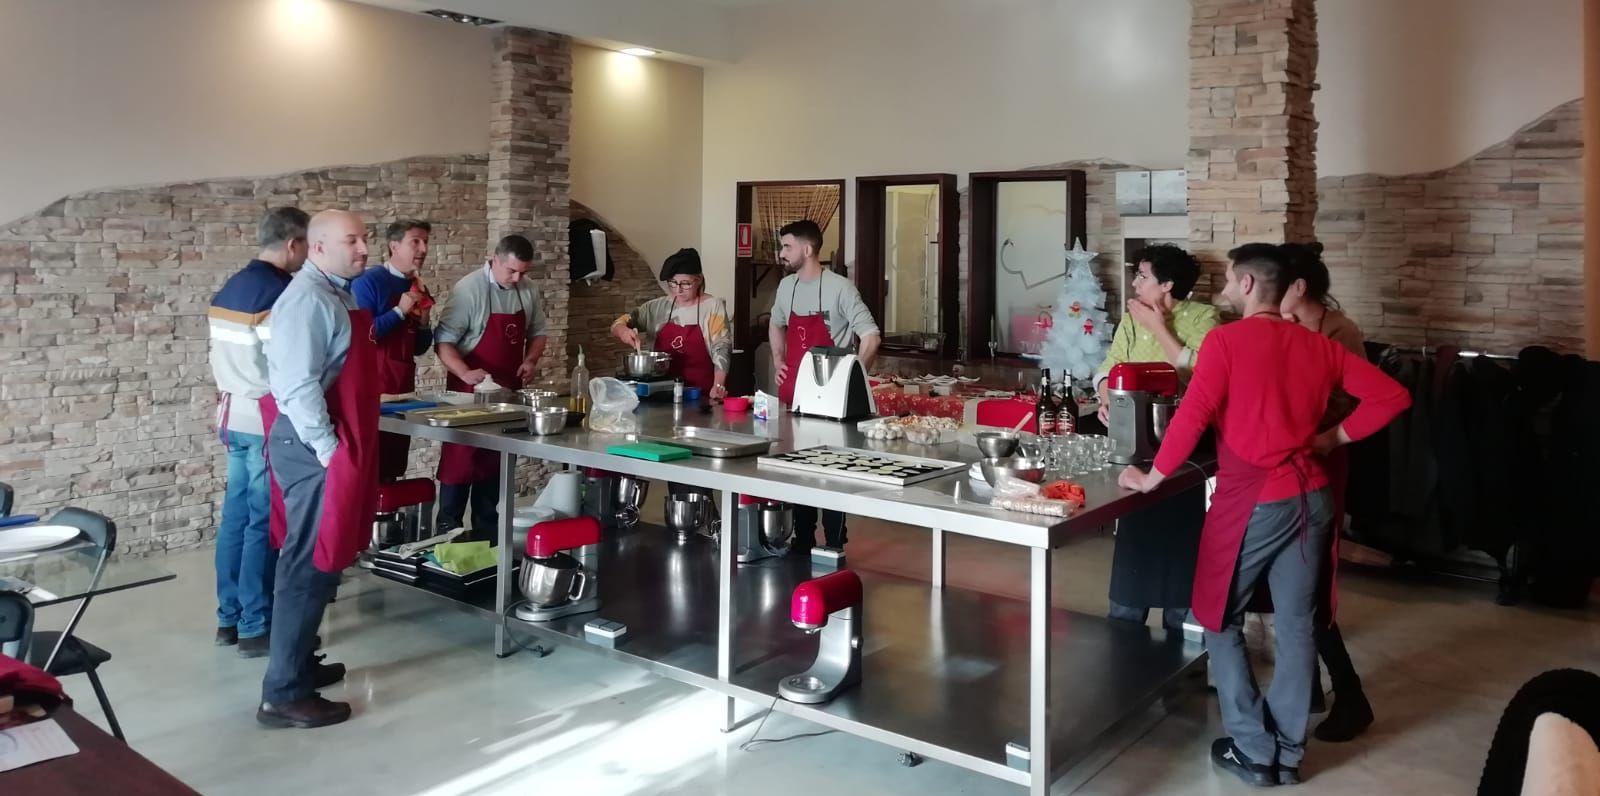 TEAM BUILDING Gastronómico en Sant Feliu de LLobregat TEAM BUILDING Gastronómico con la empresaBLOWAIR Algo Más Que Postres, especialistas en Team Building en Sant Feliu